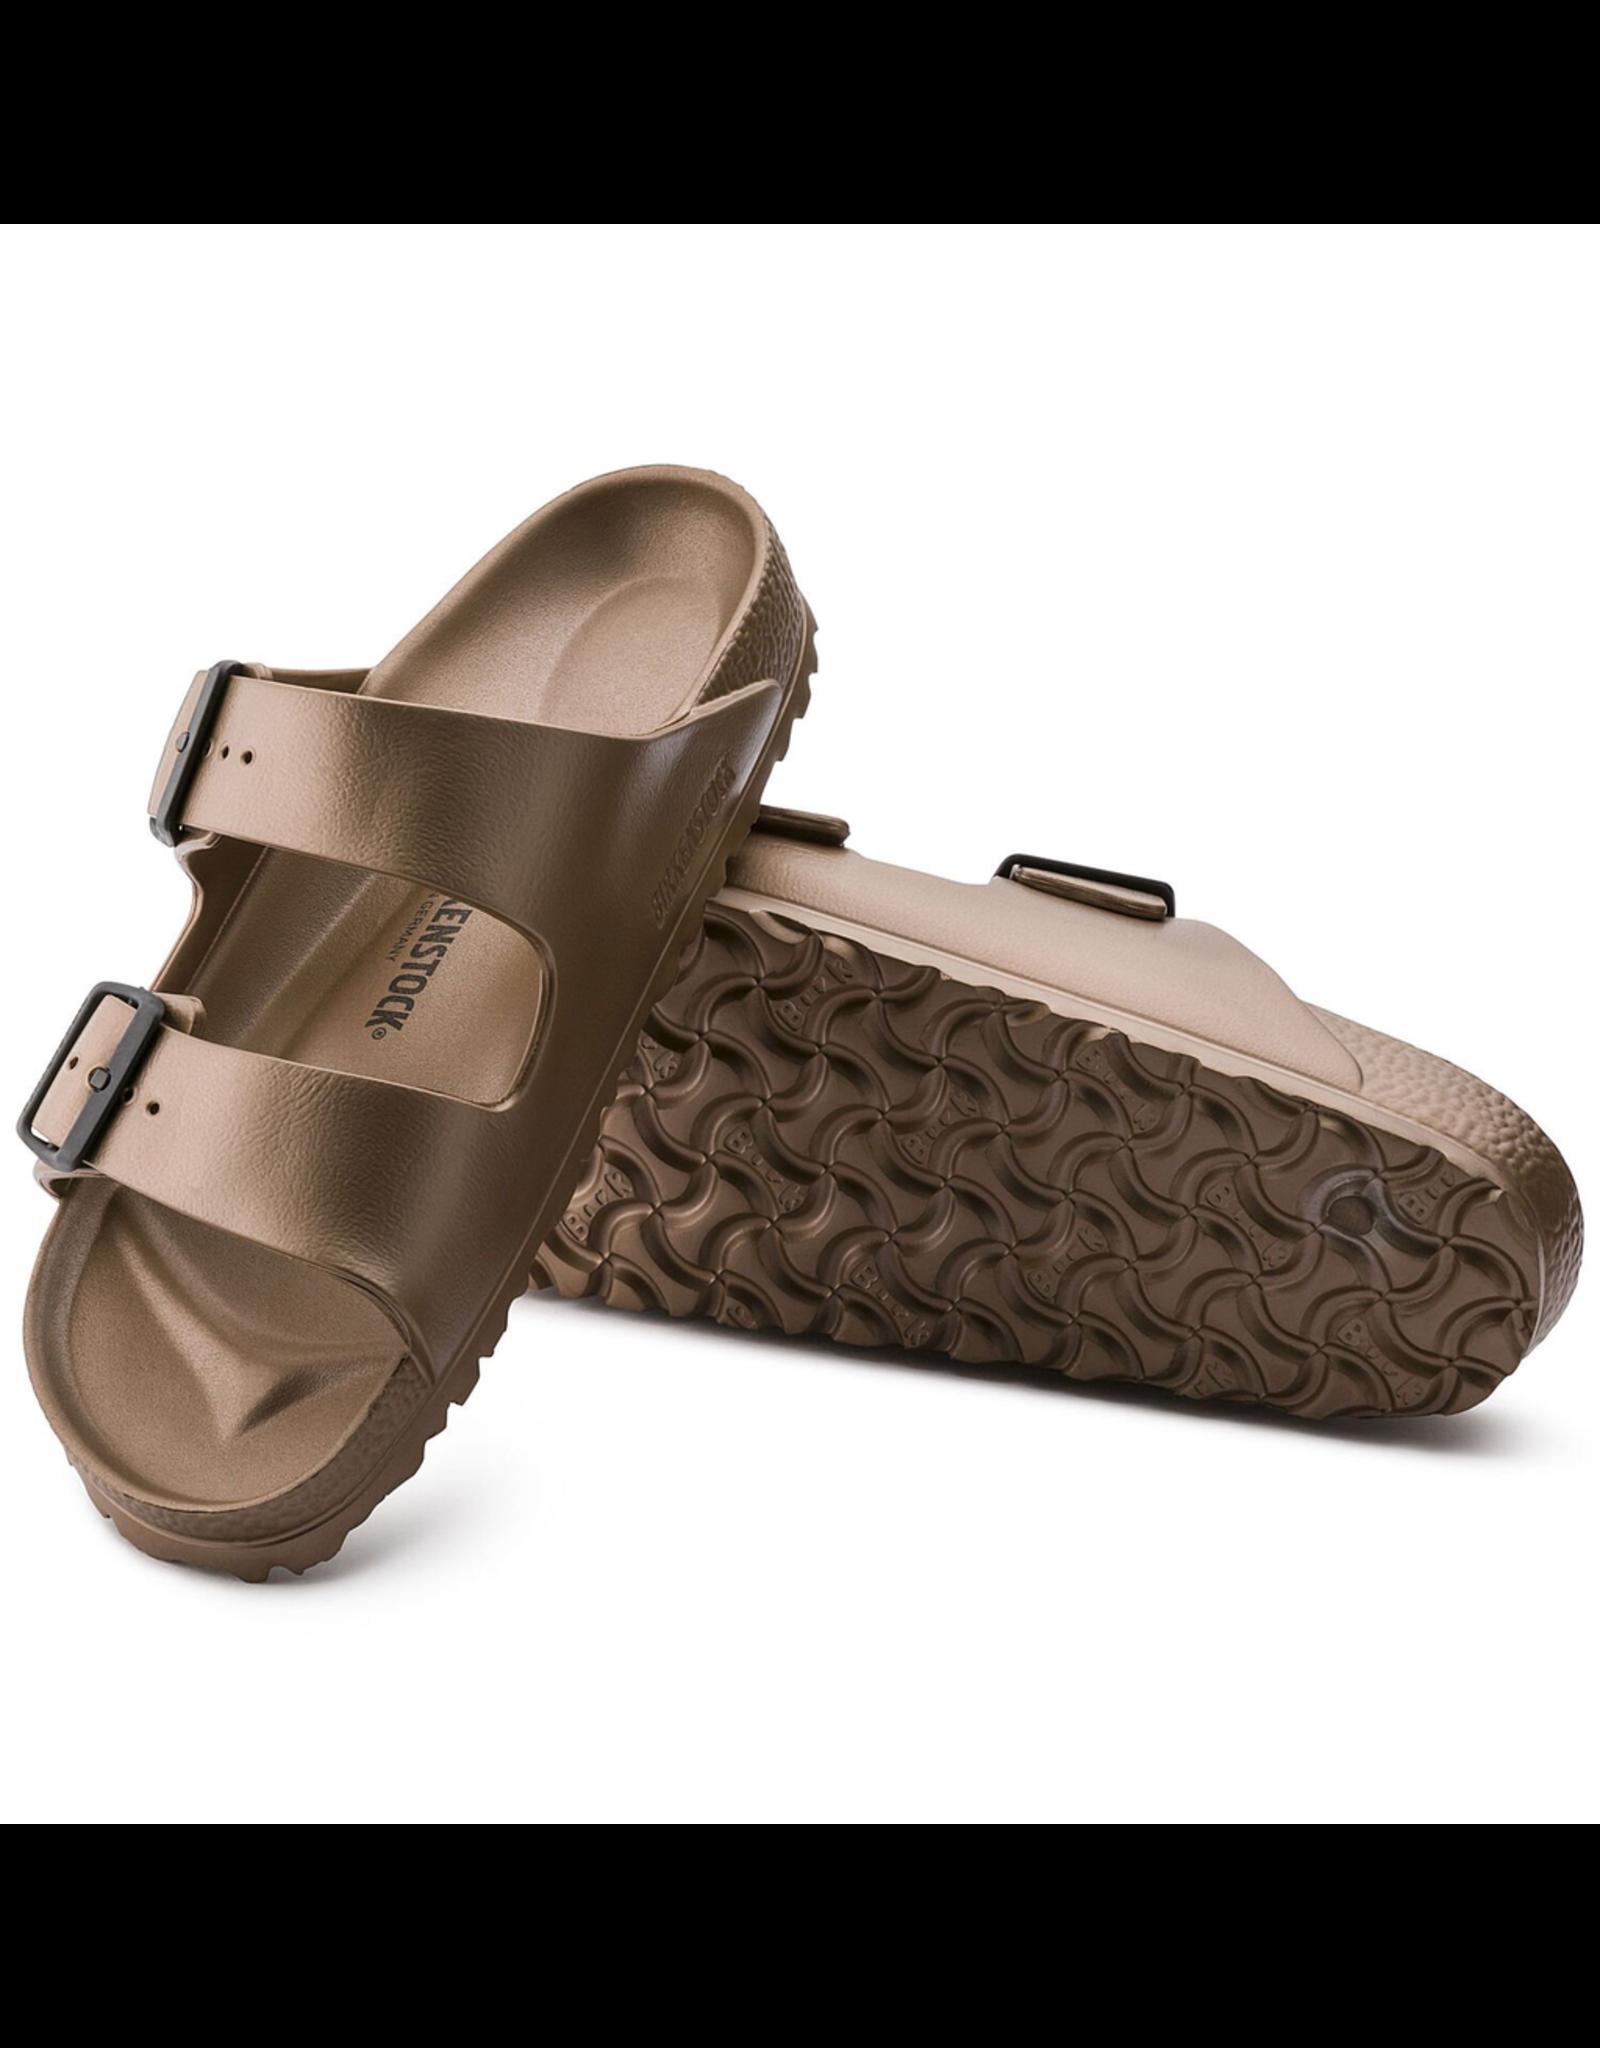 Birkenstock EVA Copper Arizona Sandal